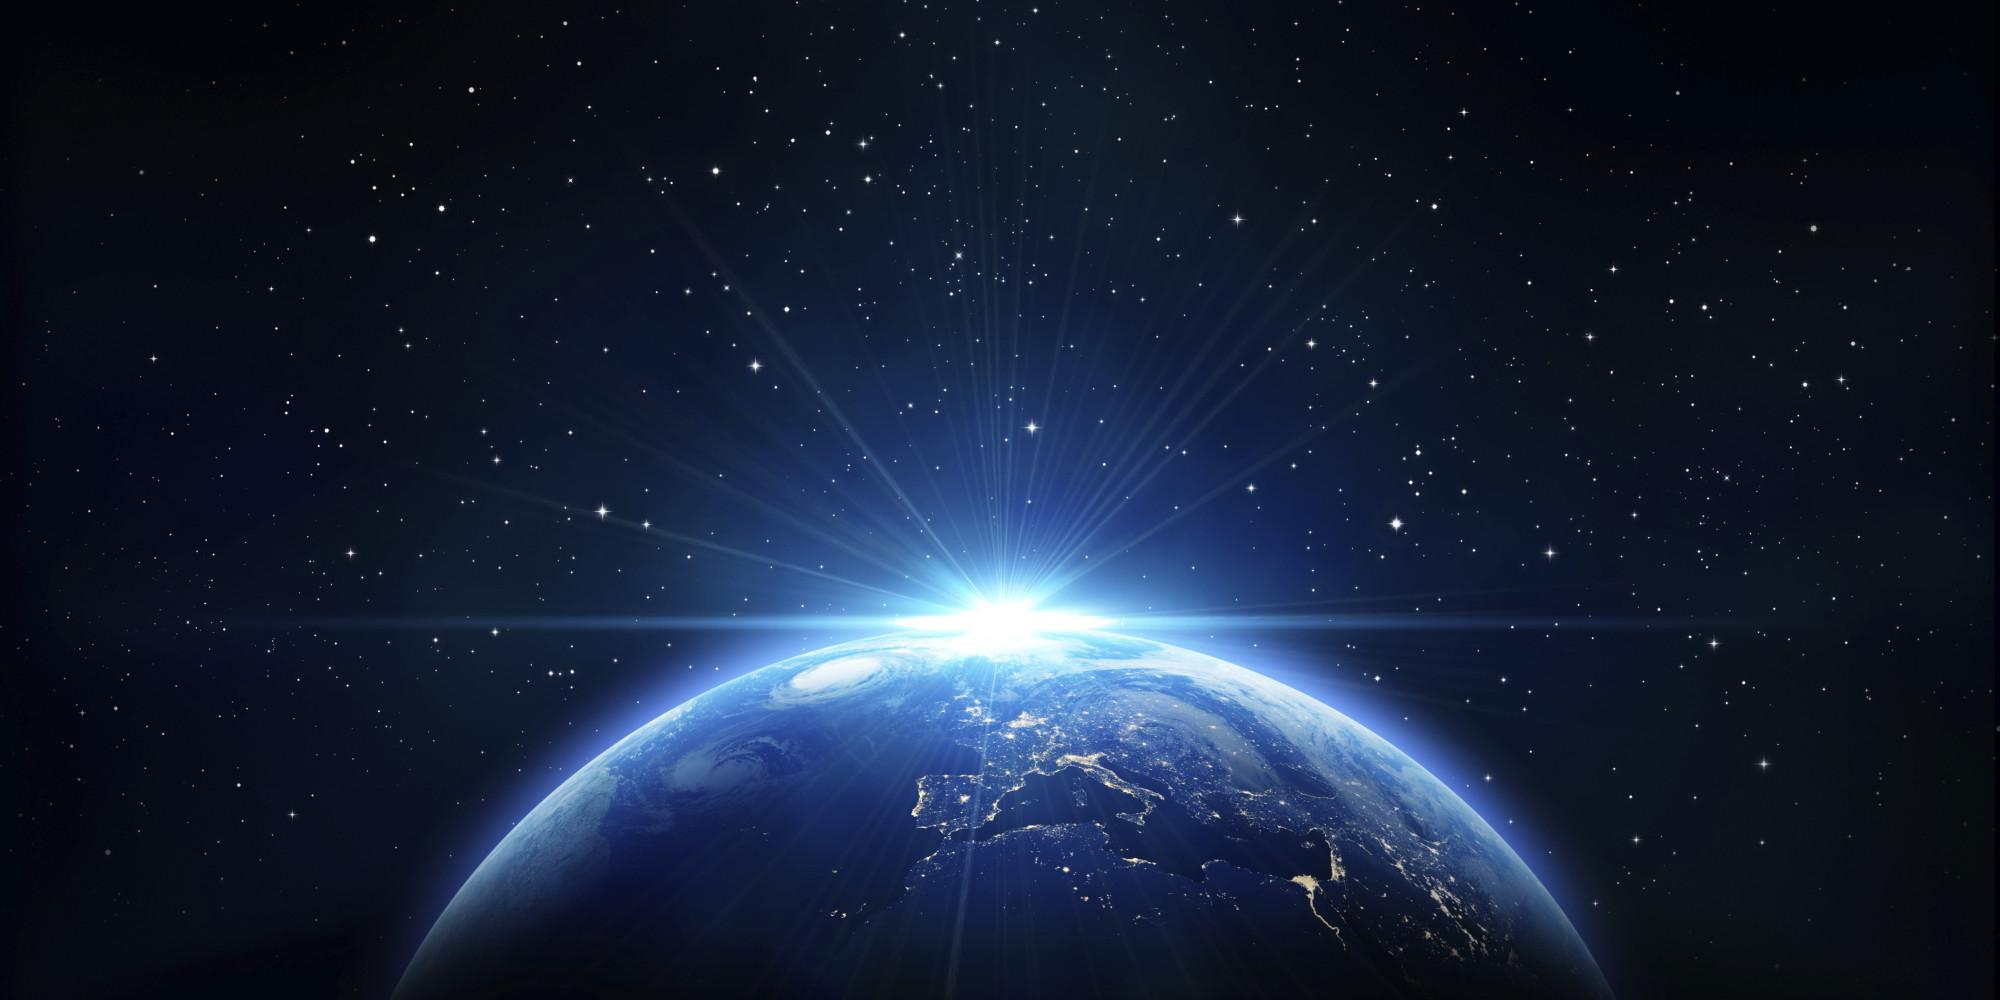 Космос - растровый клипарт space - uhq stock photo